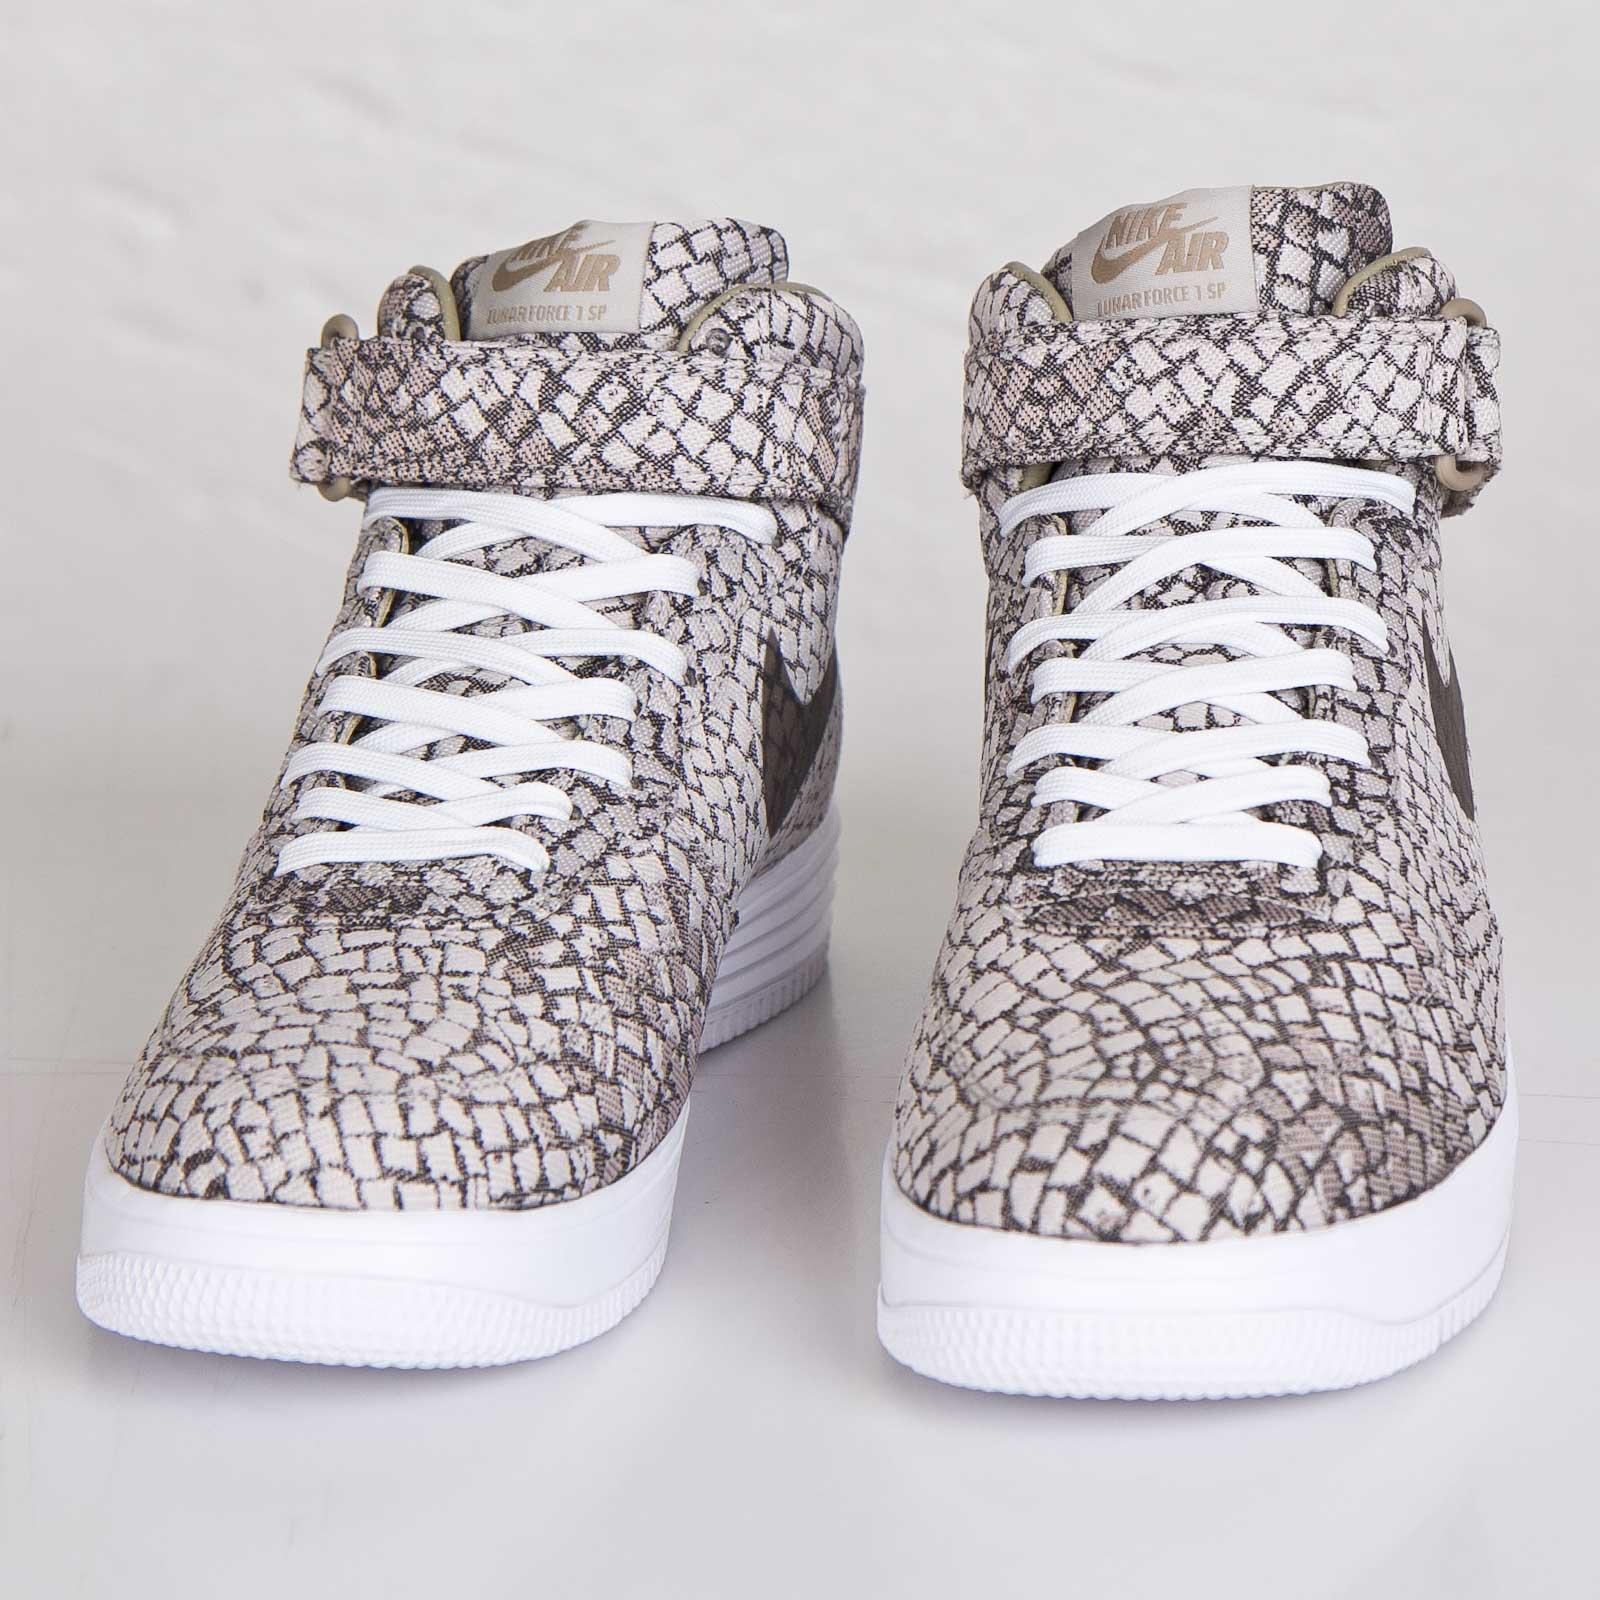 cheap for discount 1210d 0e22e Nike Lunar Force 1 Mid JCRD SP - 693203-081 - Sneakersnstuff   sneakers    streetwear online since 1999